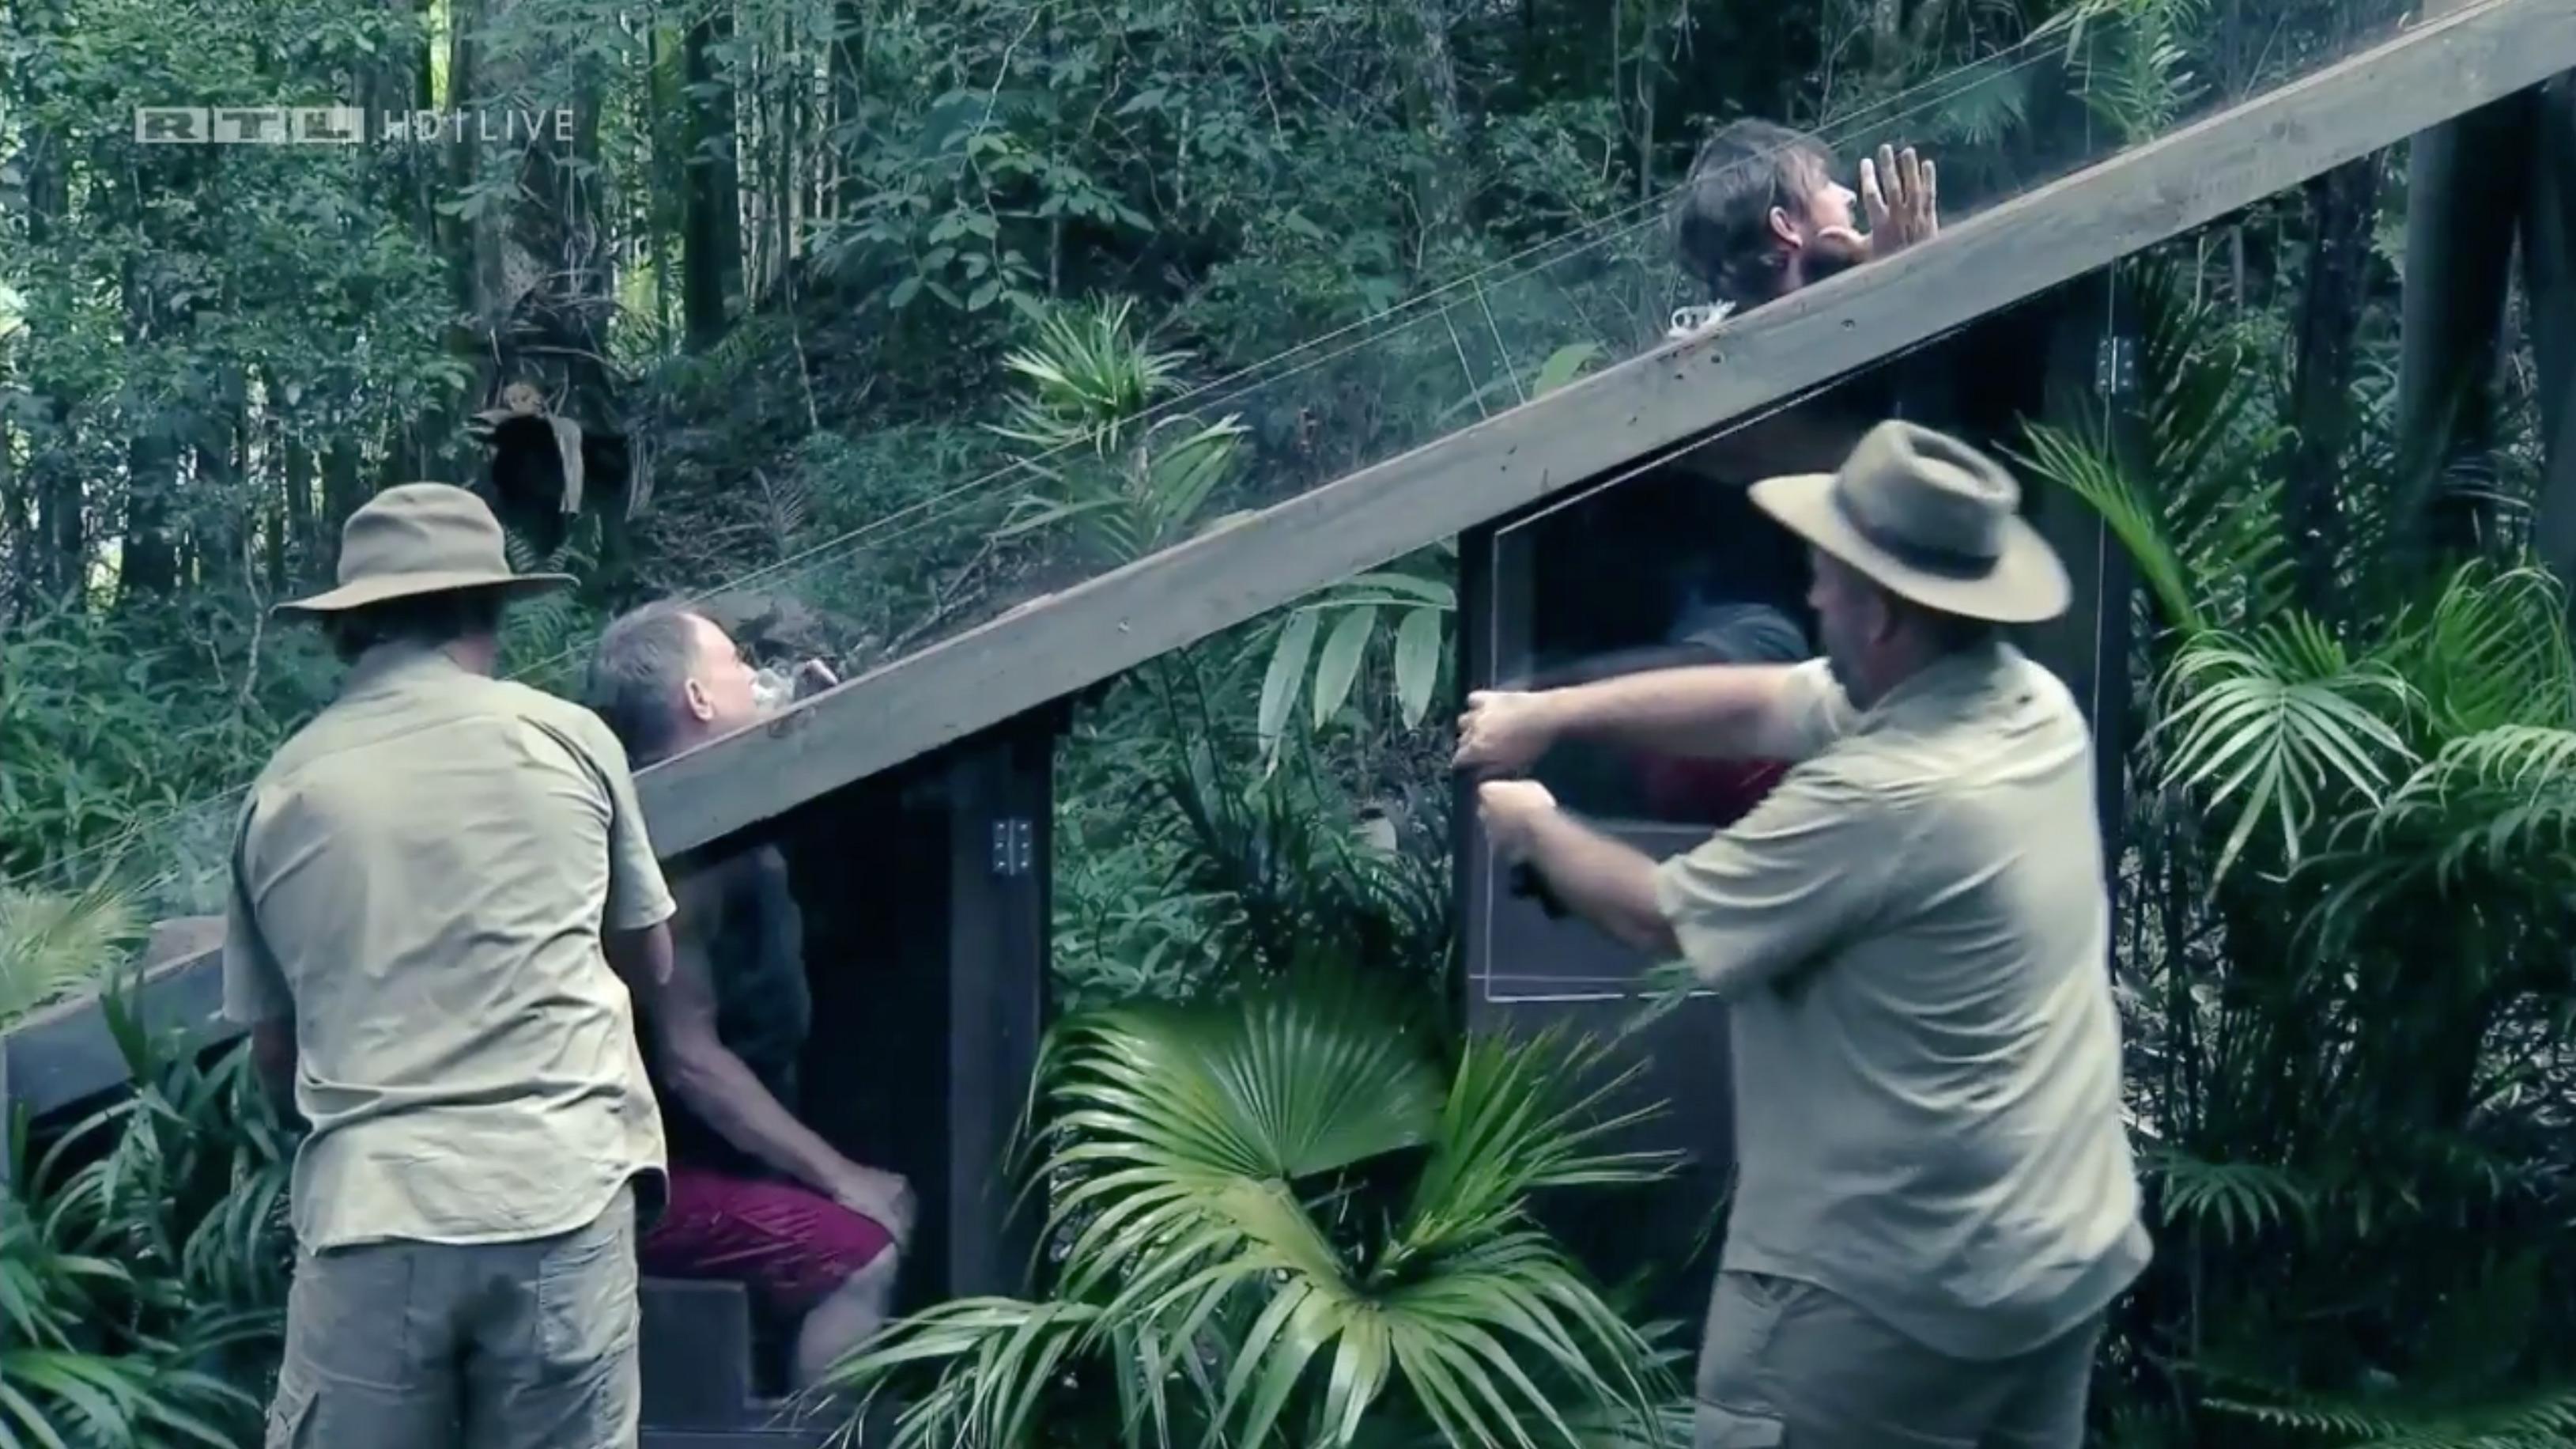 Dschungelprüfung - Wer muss ran am 16.01.2019?